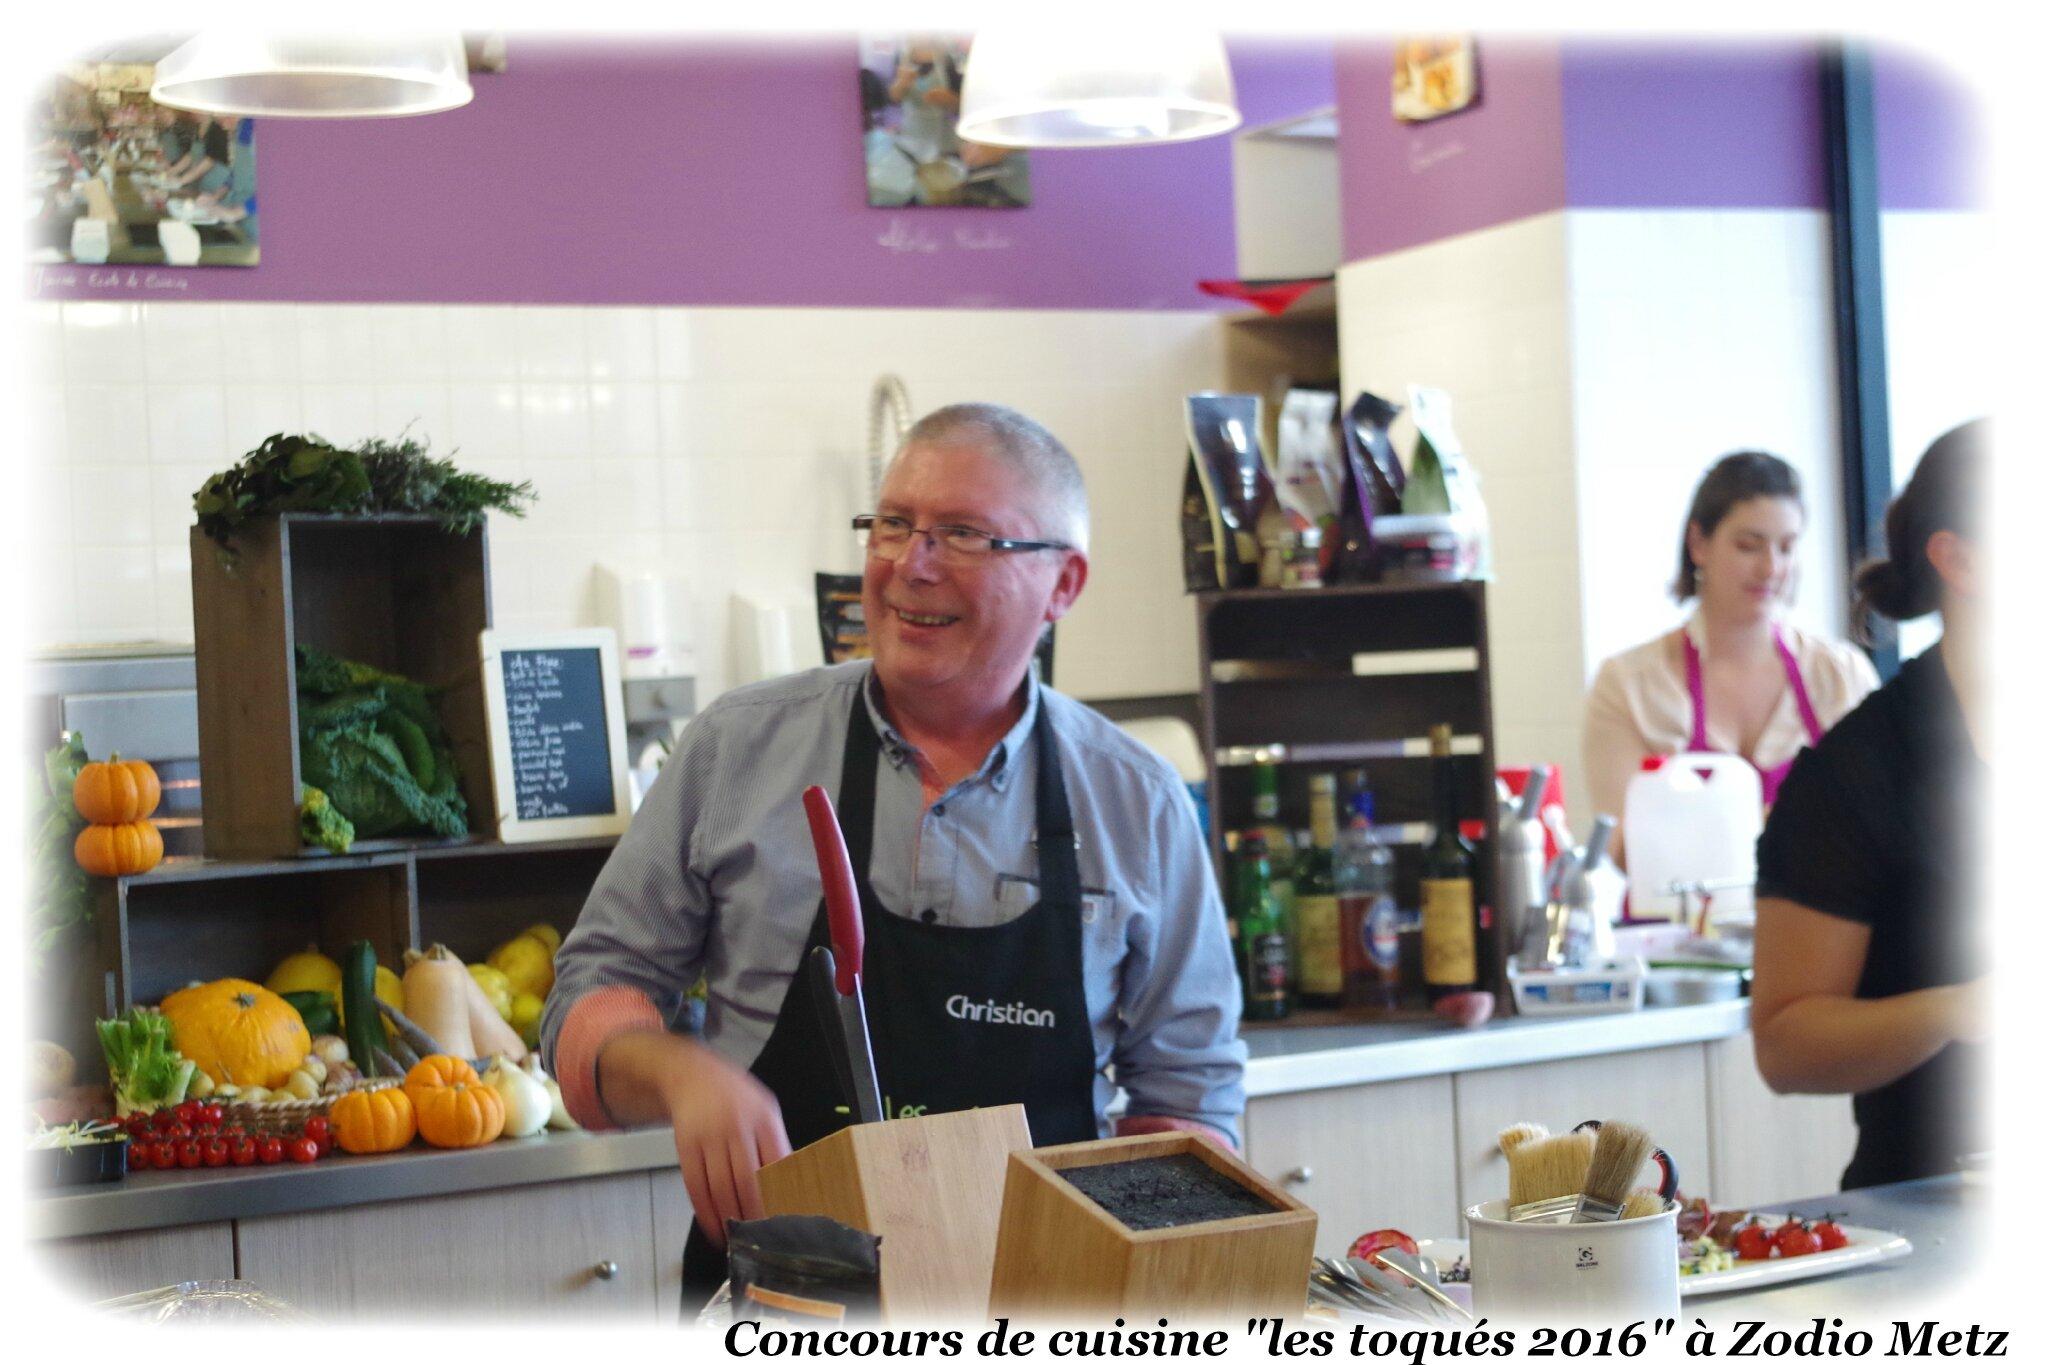 """PAPOUNE PARTICIPE AU CONCOURS DE CUISINE """"LES TOQUES 2016"""" ZODIO METZ"""